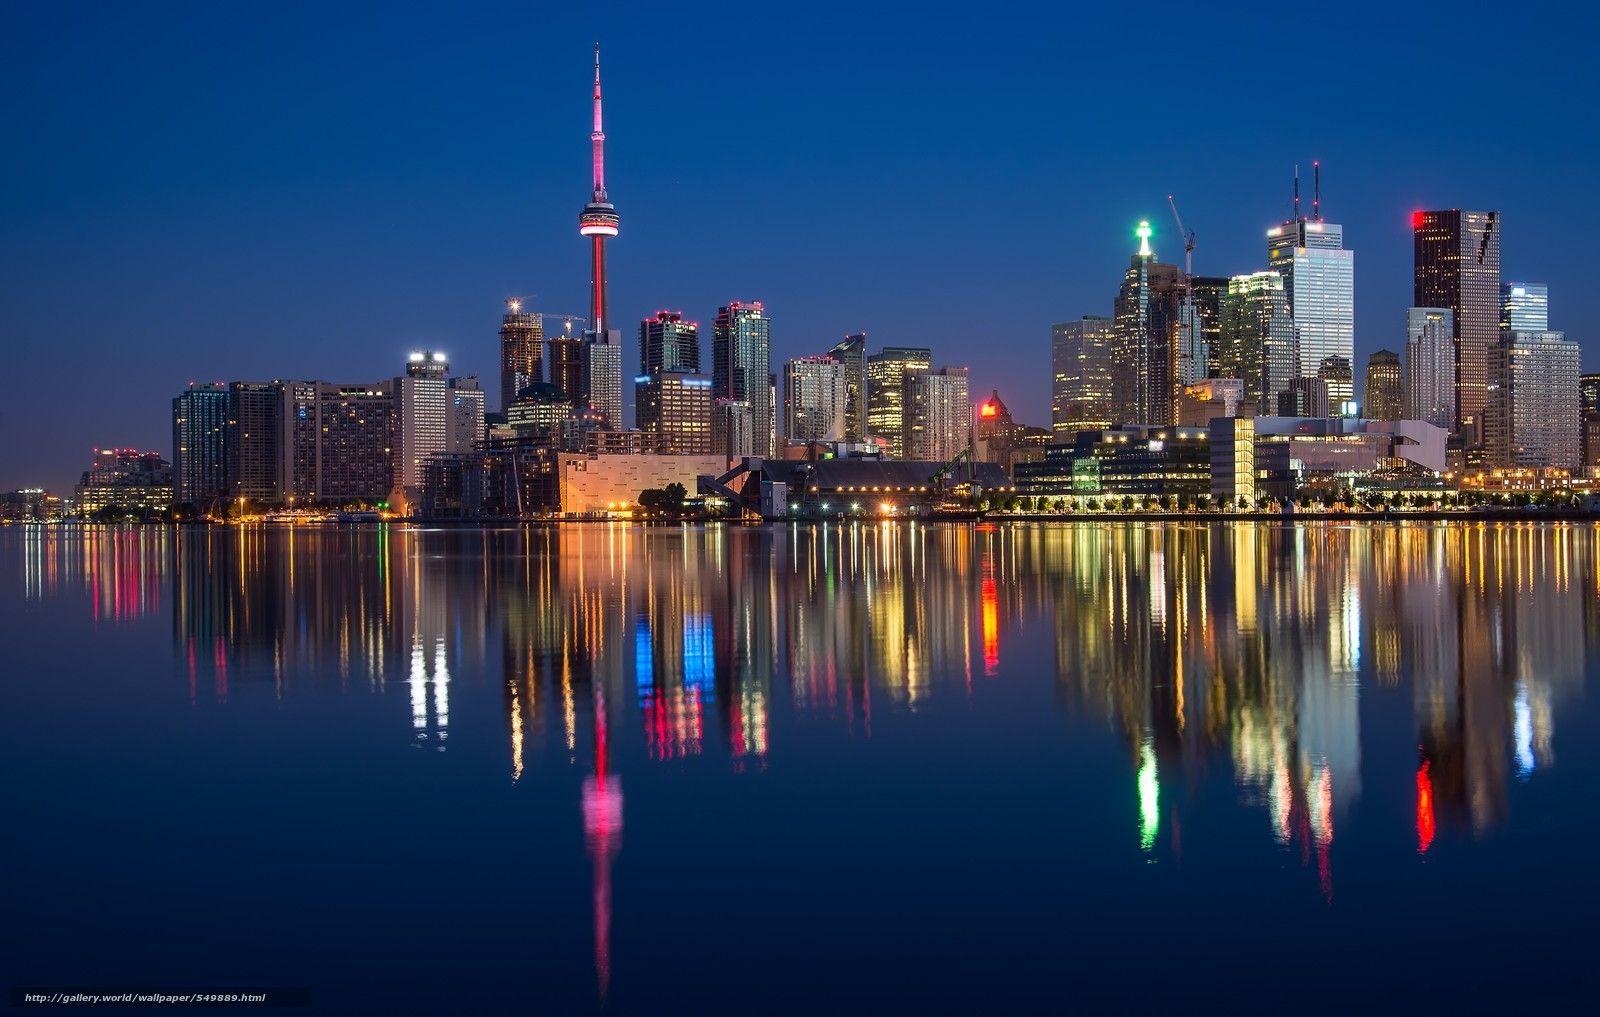 Download Wallpaper Toronto Ontario Canada Free Desktop Wallpaper In Toronto Travel Toronto Vacation City Vacation